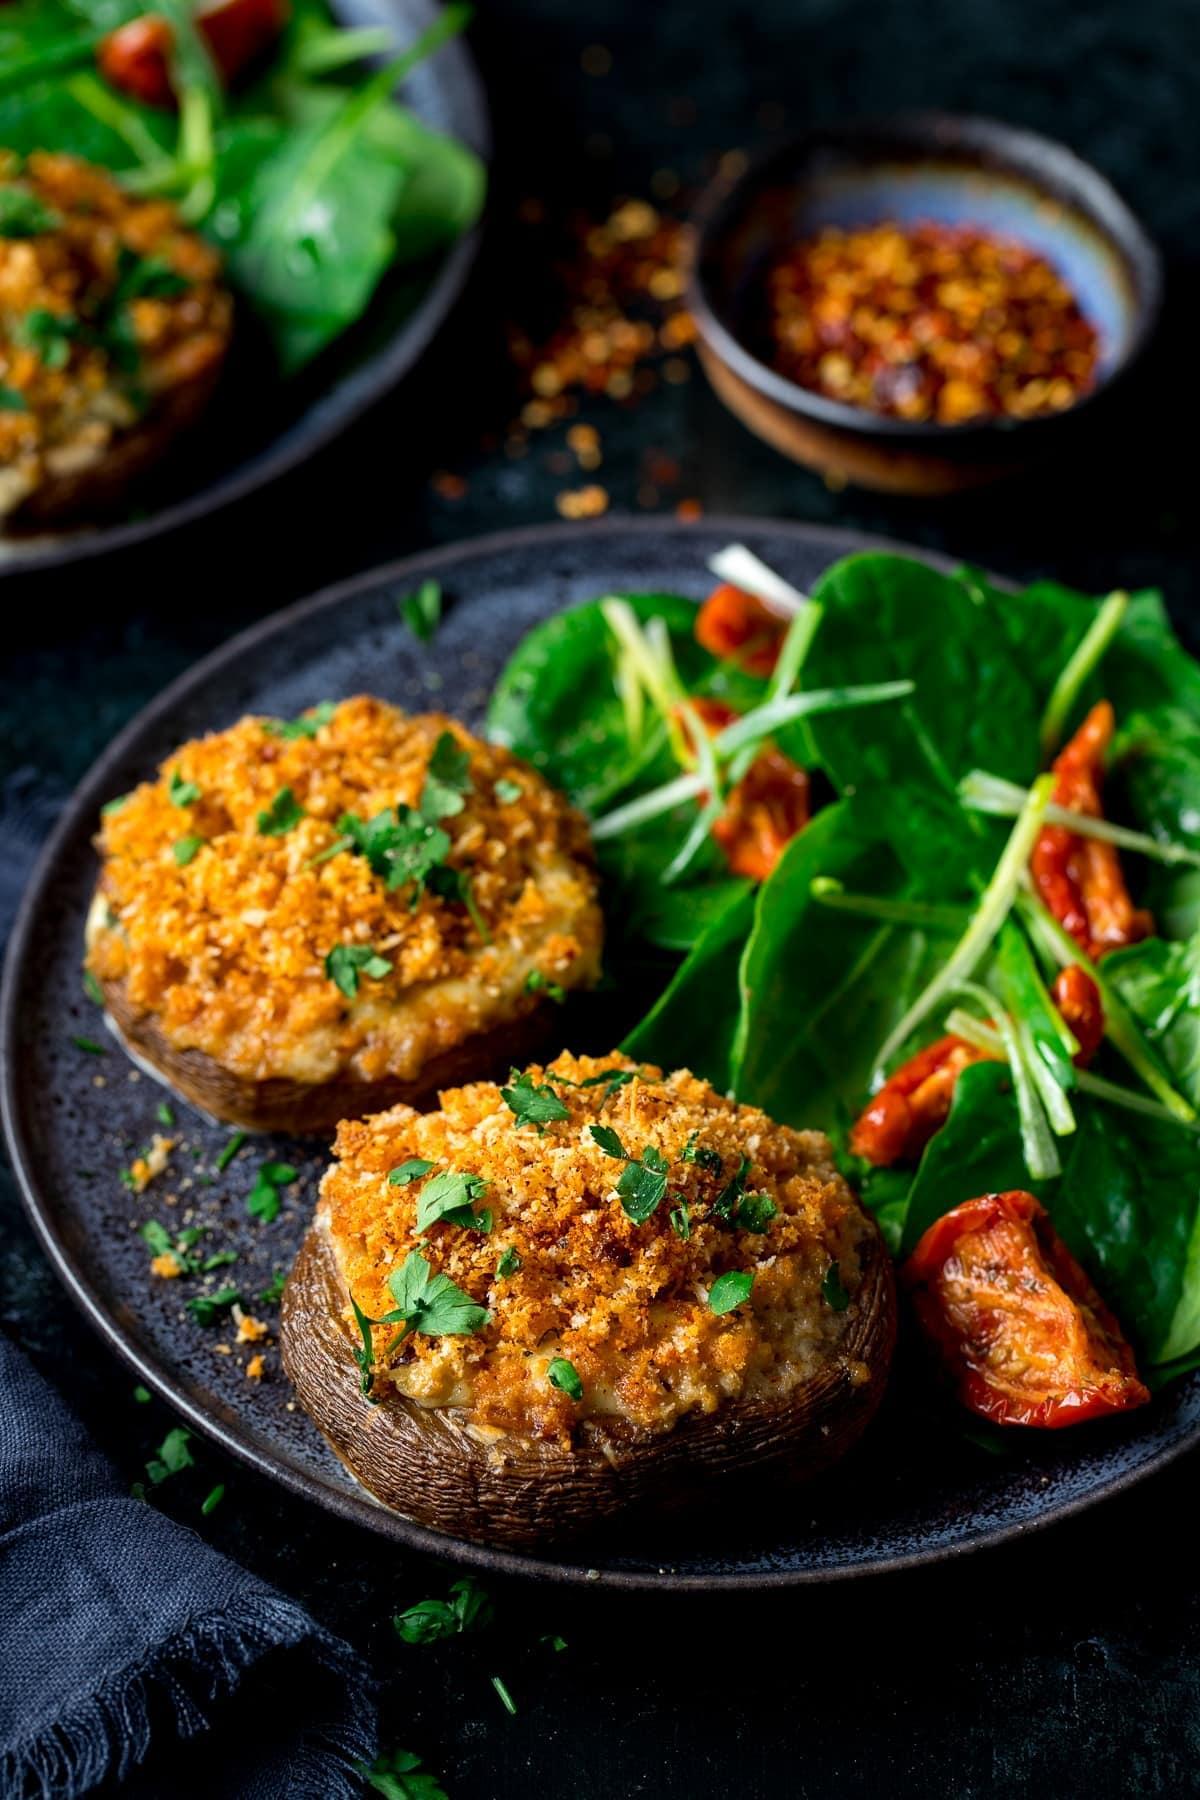 Stuffed mushrooms with salad on a dark plate